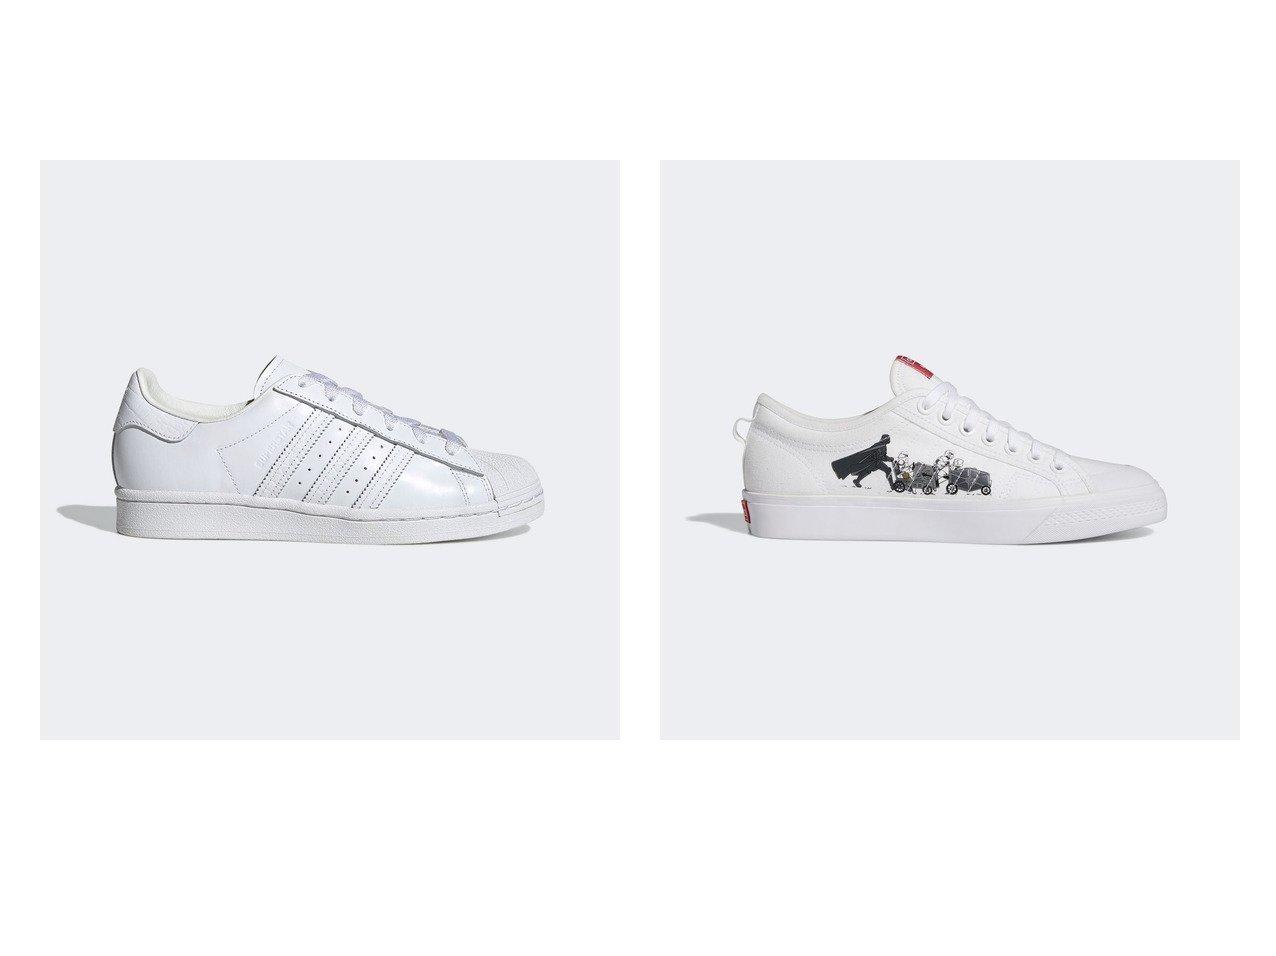 【adidas/アディダス】のSUPERSTAR BEAMS&ニッツァ × Nizza × Star Wars 【シューズ・靴】おすすめ!人気トレンド・レディースファッション通販 おすすめで人気の流行・トレンド、ファッションの通販商品 インテリア・家具・メンズファッション・キッズファッション・レディースファッション・服の通販 founy(ファニー) https://founy.com/ ファッション Fashion レディースファッション WOMEN 春 Spring クラシック シューズ ライニング 2021年 2021 S/S・春夏 SS・Spring/Summer 2021春夏・S/S SS/Spring/Summer/2021 |ID:crp329100000046512